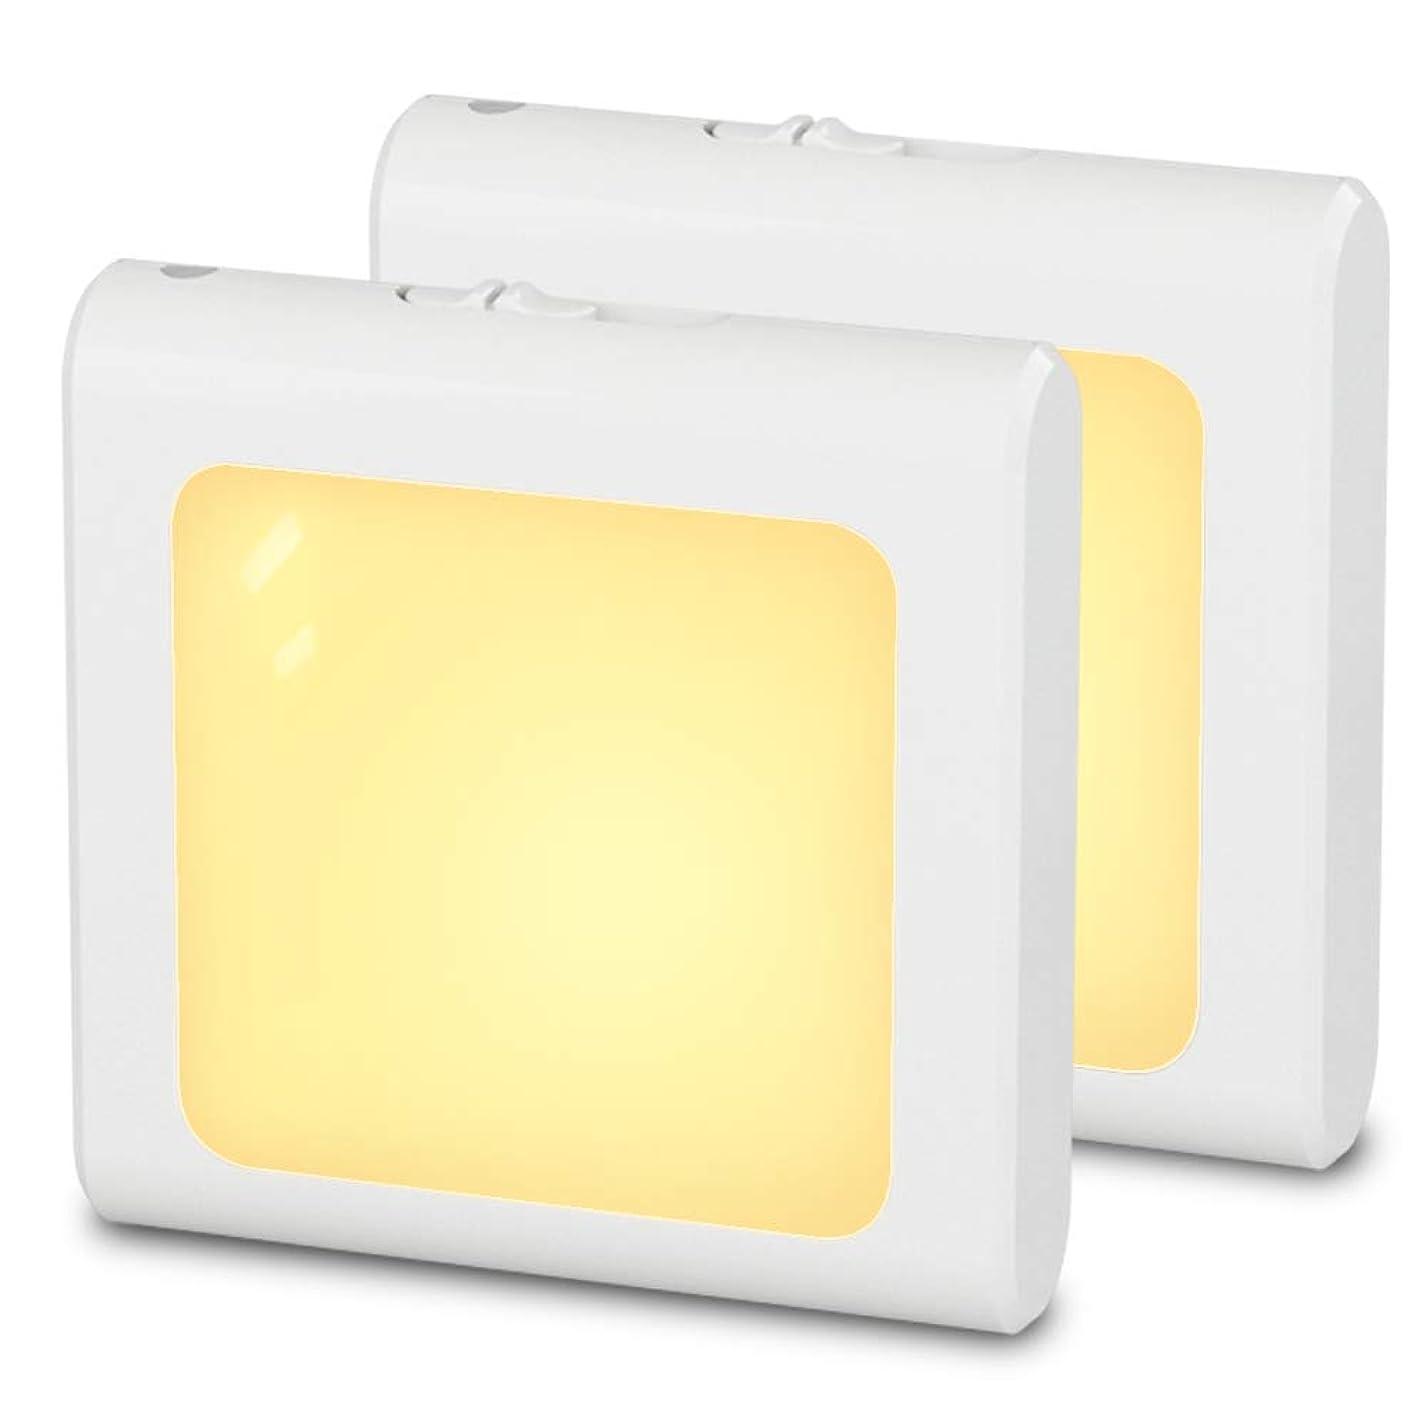 非公式インサートウェブMAZTEK MZ3092RJ ナイトライト挿入式LED足元灯、夜間センサー付き、明るさとスイッチ調節可能常夜灯、リビングルーム、寝室、キッチン、廊下、階段に適用、 温白色,2個セット